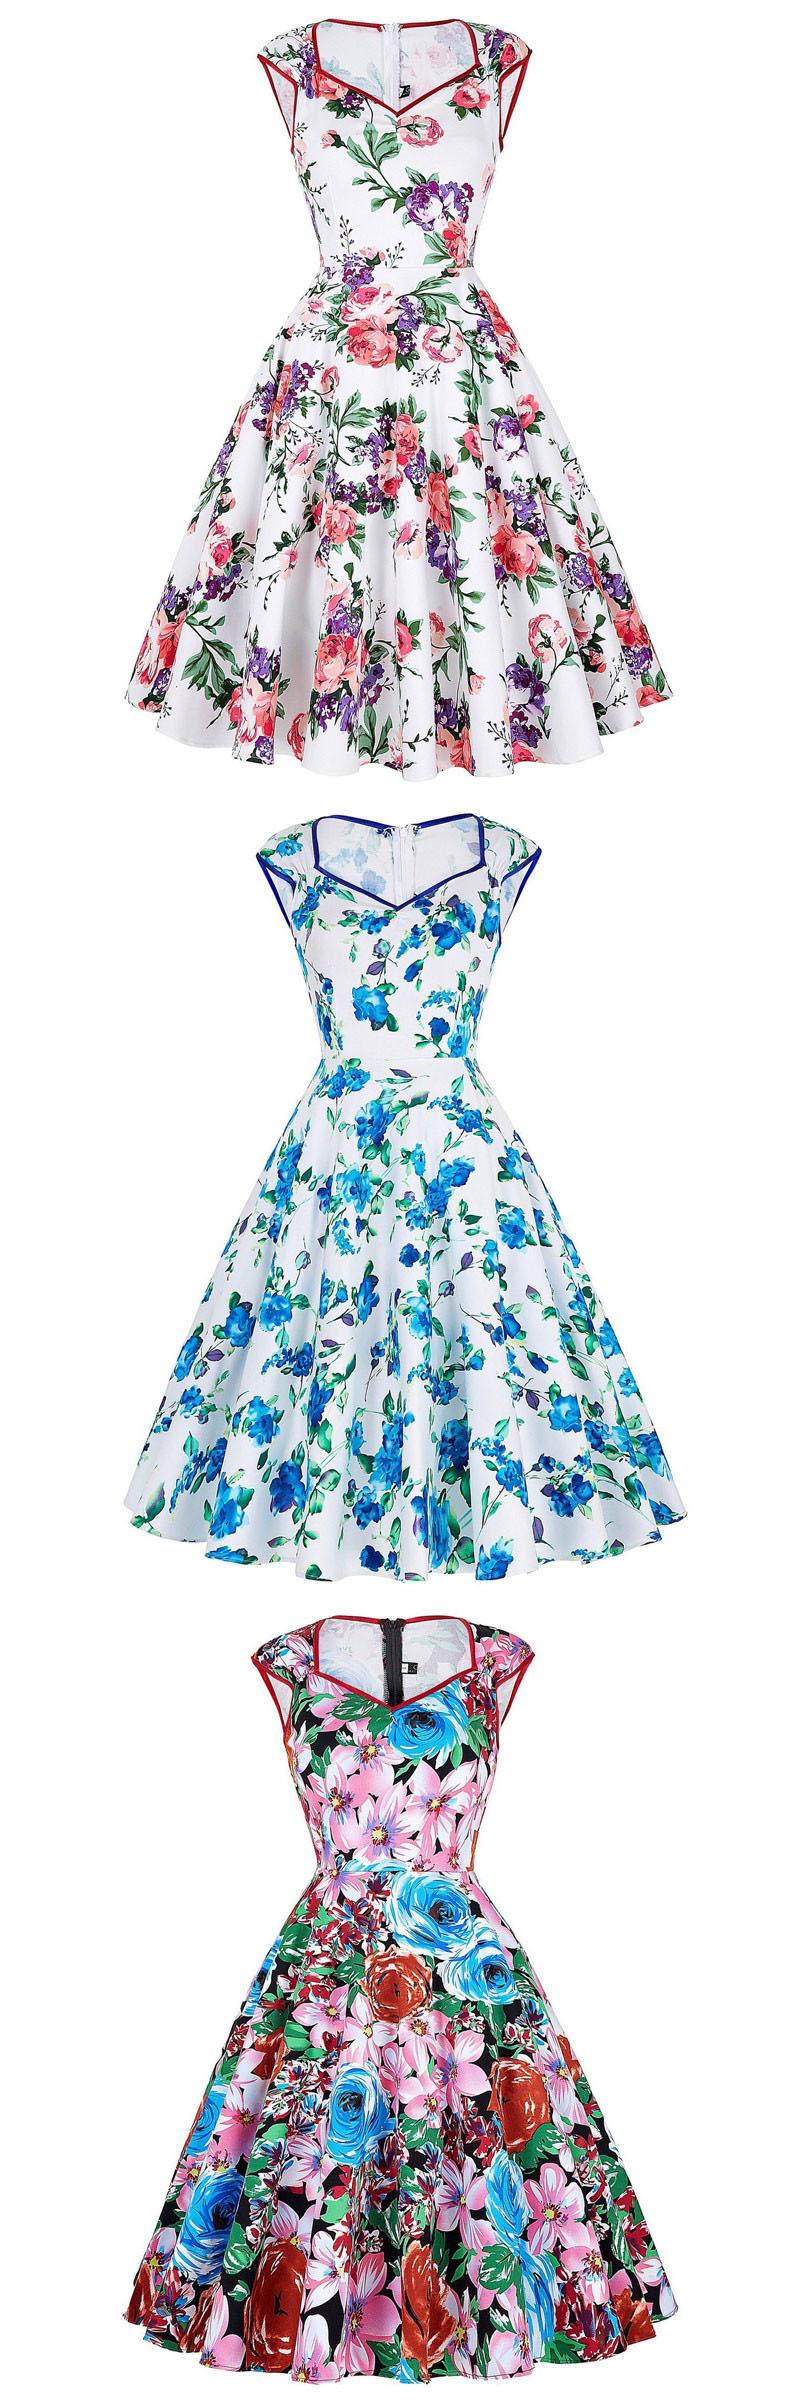 Floral Print Summer cotton Dresses Women Casual Party Vestidos de ...